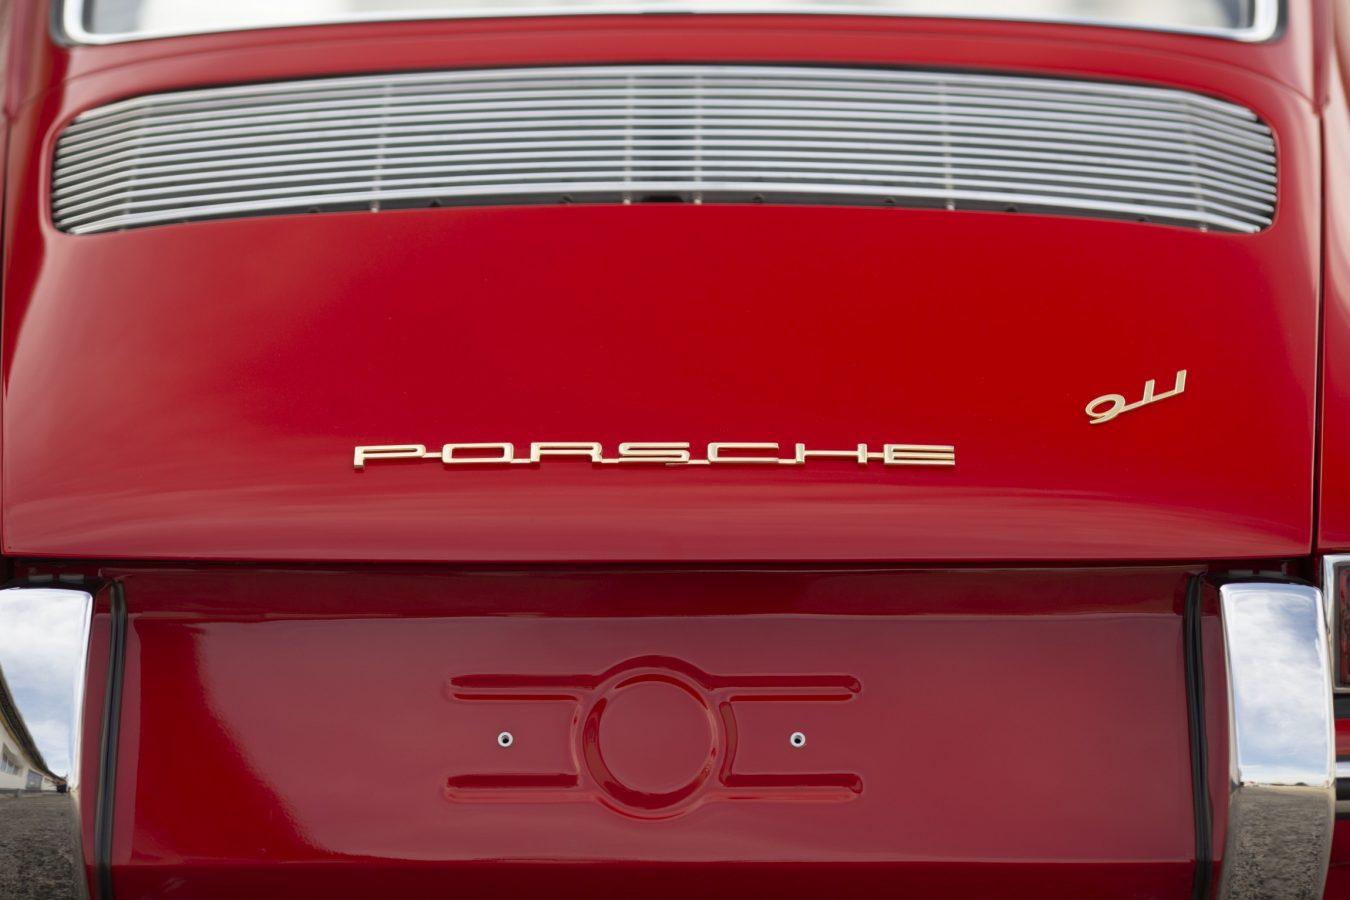 Porsche 911 Urlefer